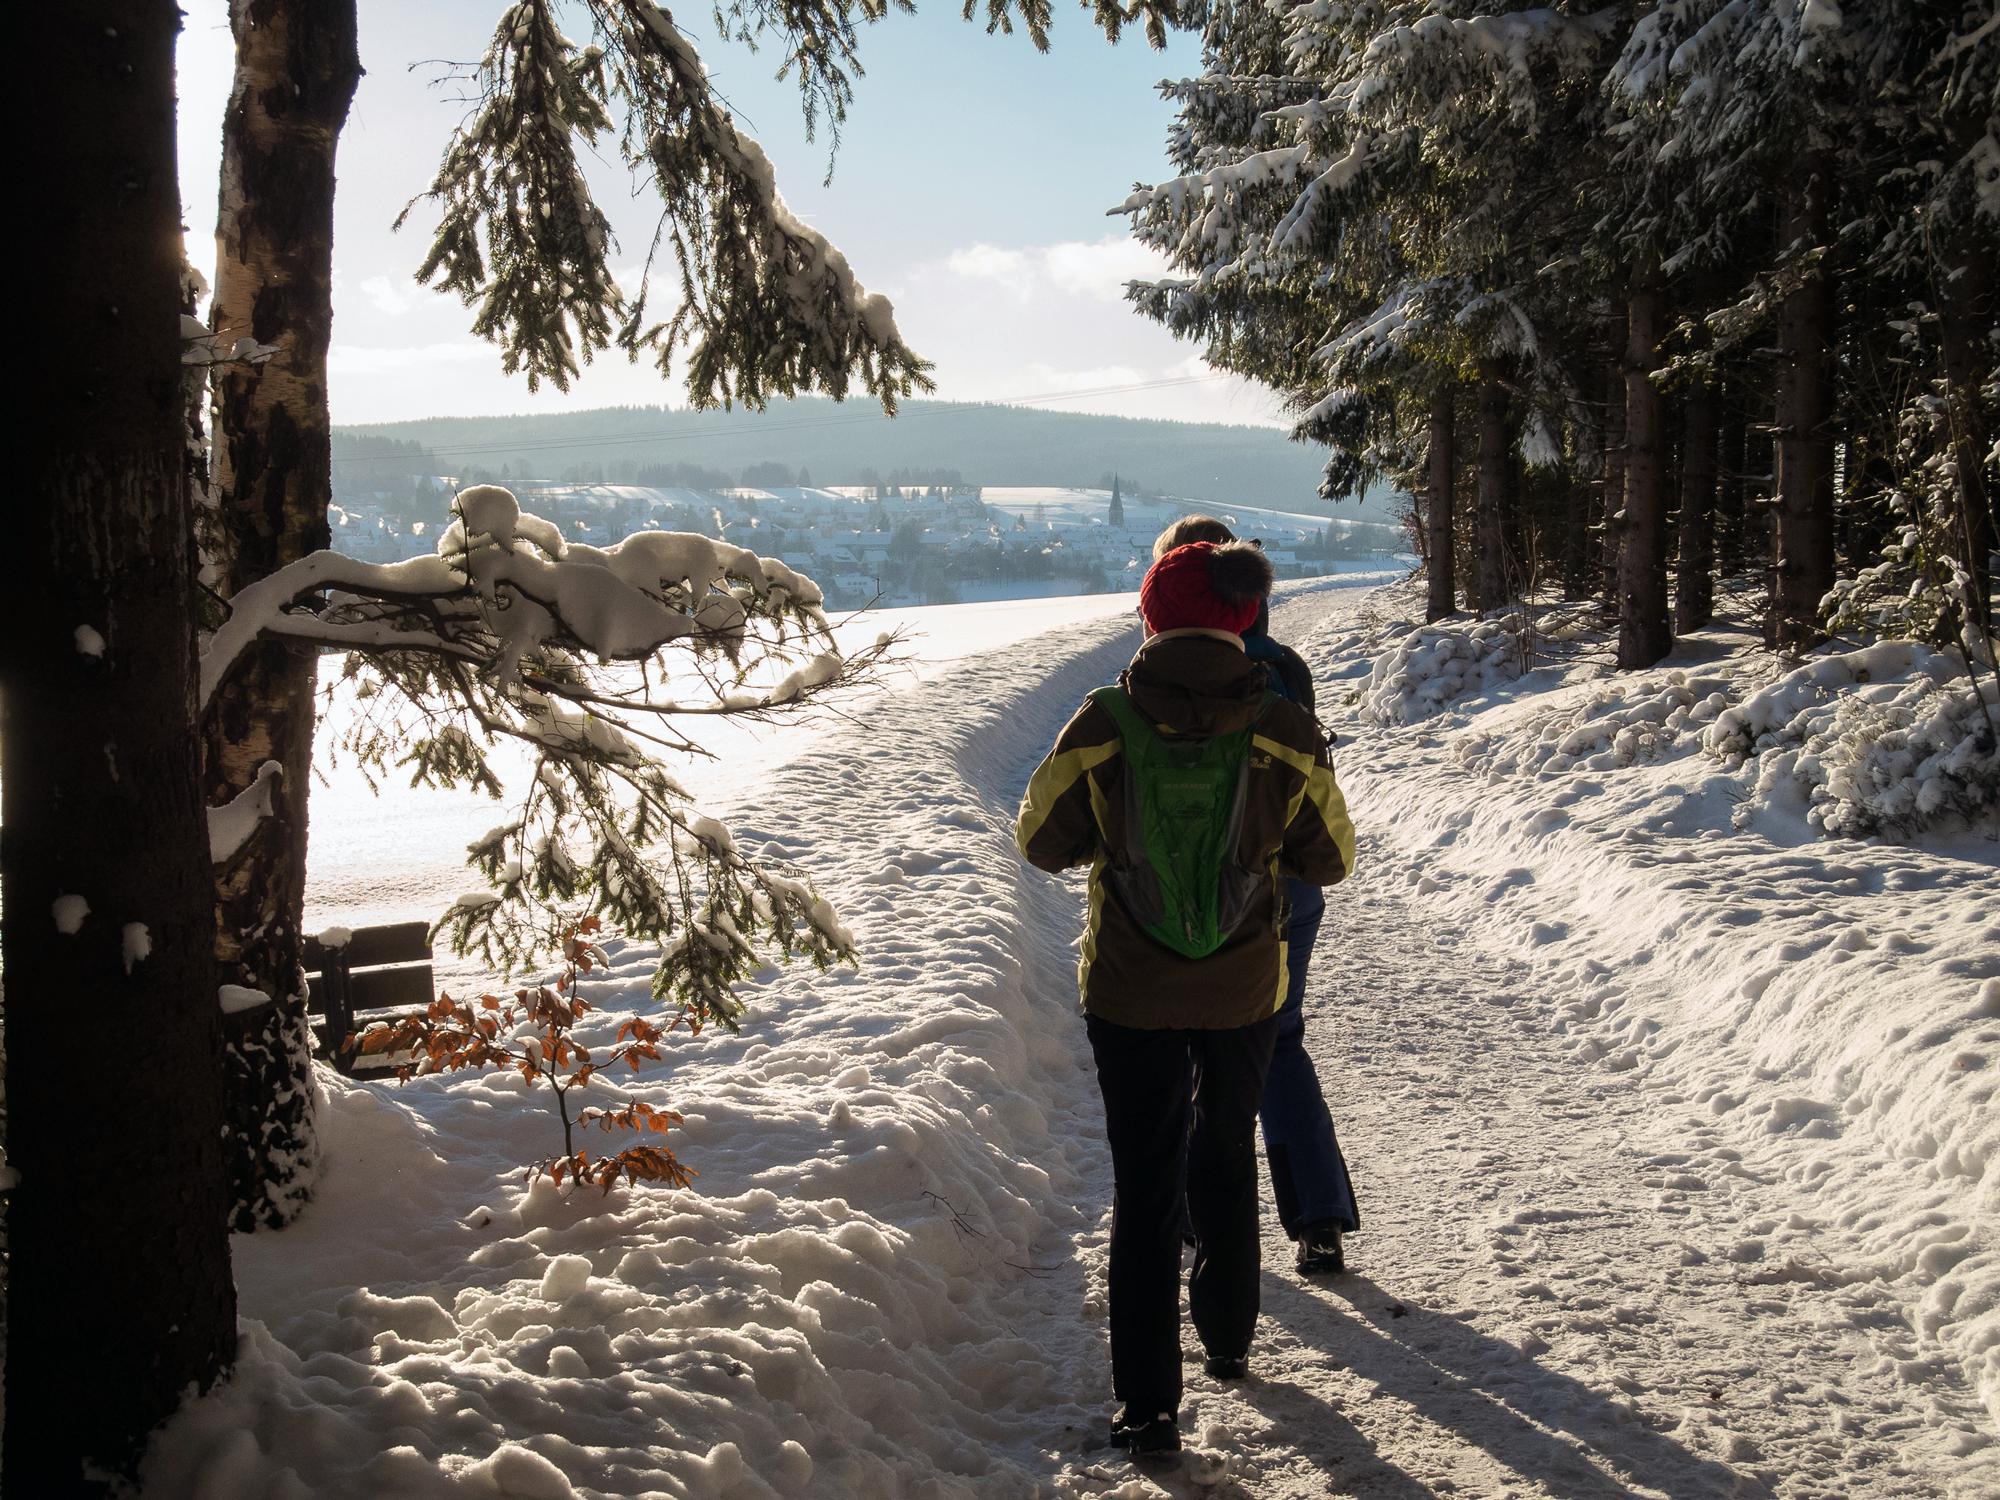 Alles strahlt und glitzert in der klaren Winterluft © Manfred Sieber